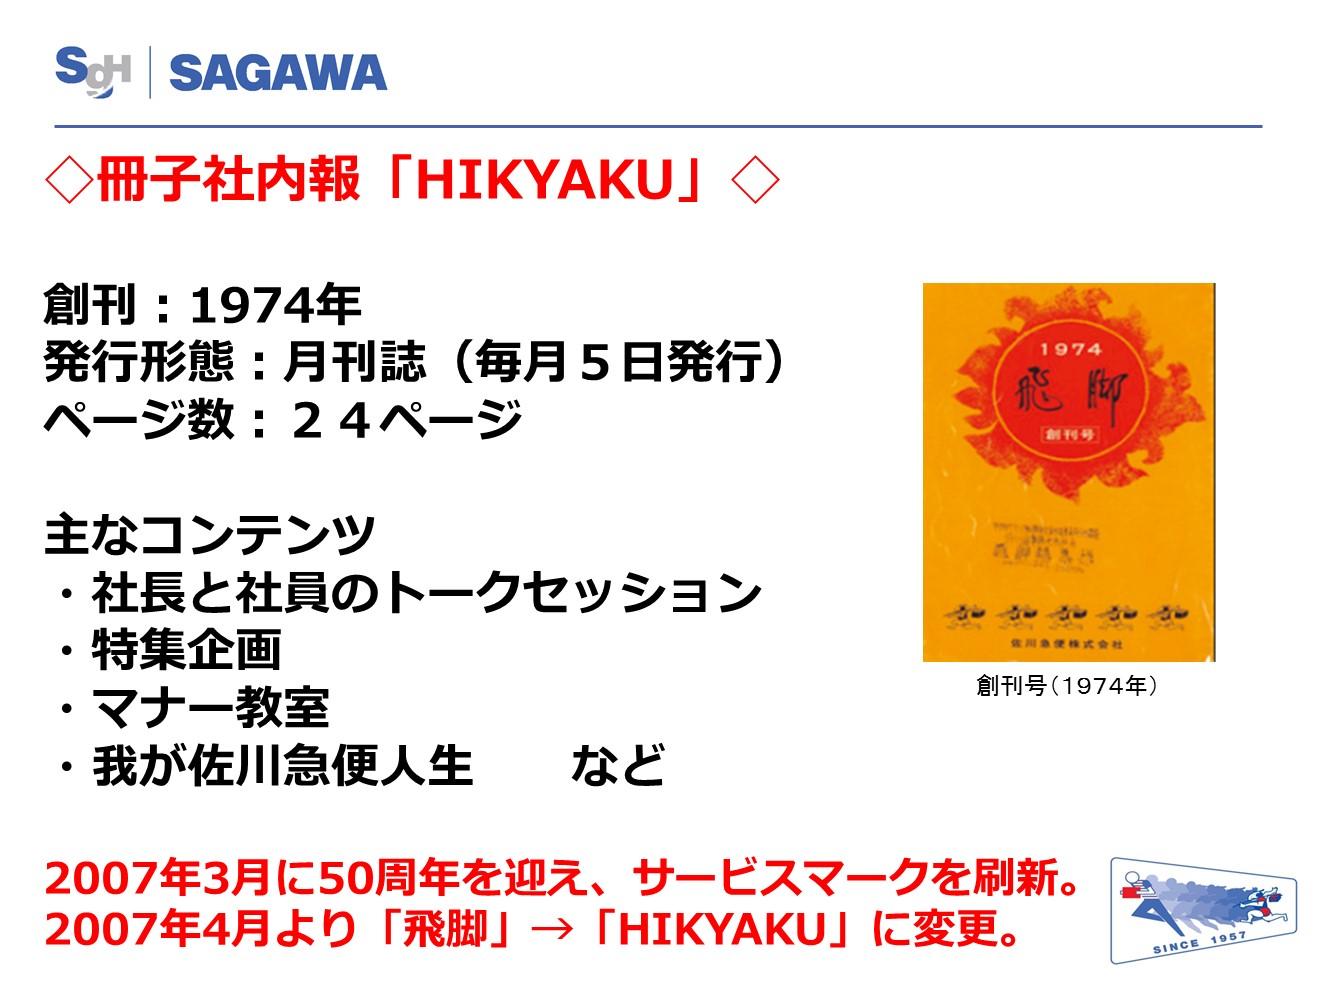 冊子社内報『HIKYAKU』は1974年創刊、映像社内報「ふれあい」は1978年から